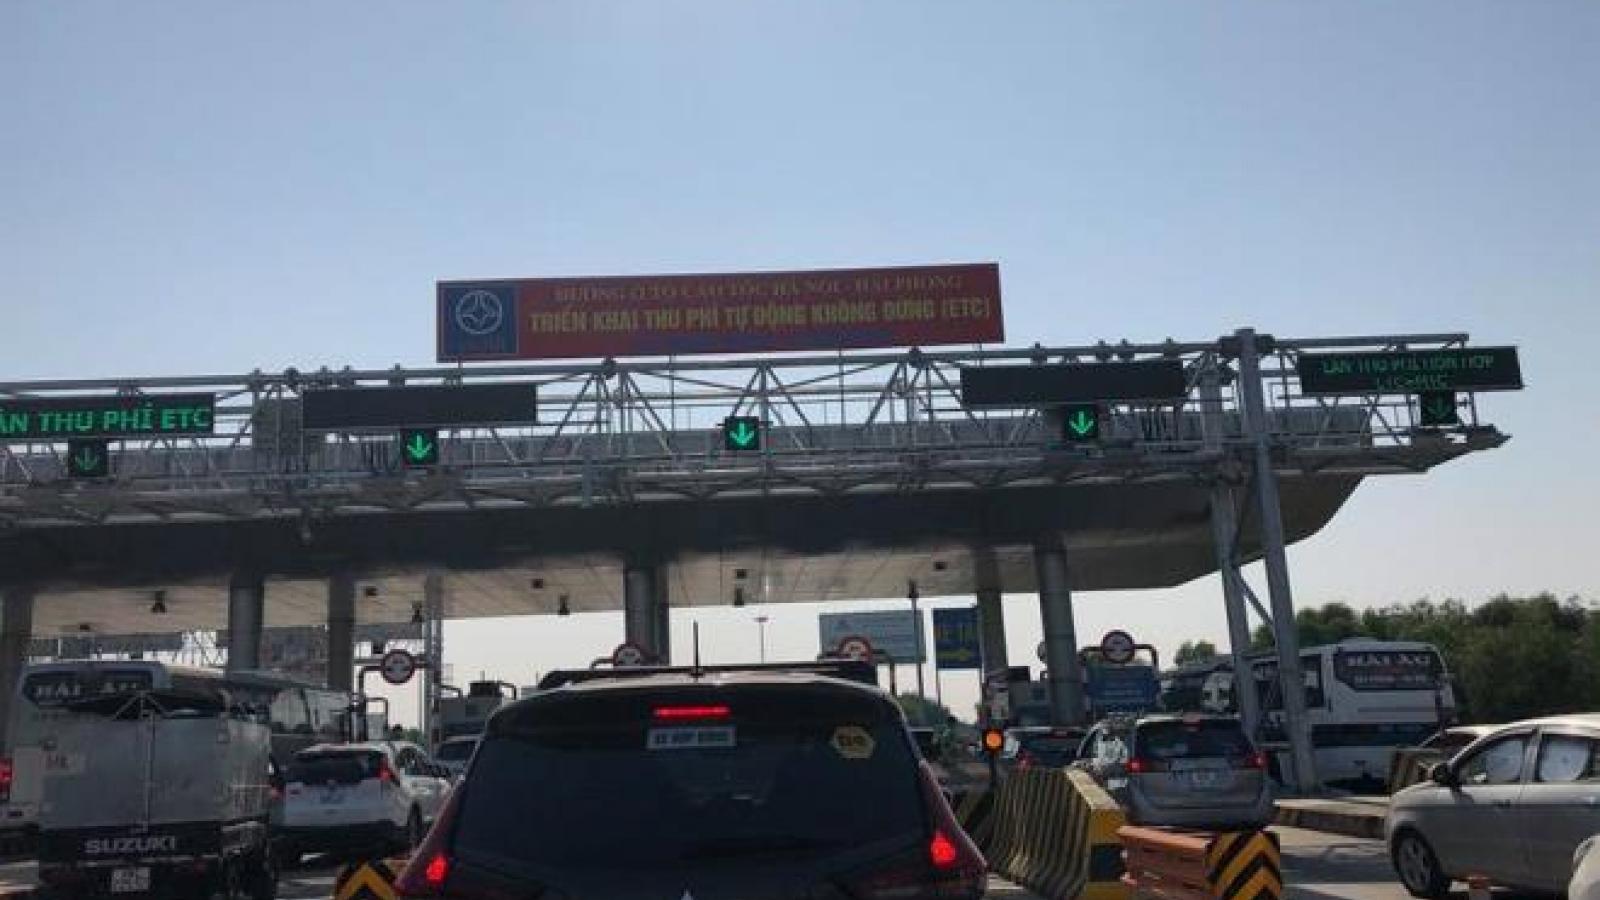 Cao tốc Hà Nội - Hải Phòng: 10% lượng xe lưu thông dùng phí tự động không dừng